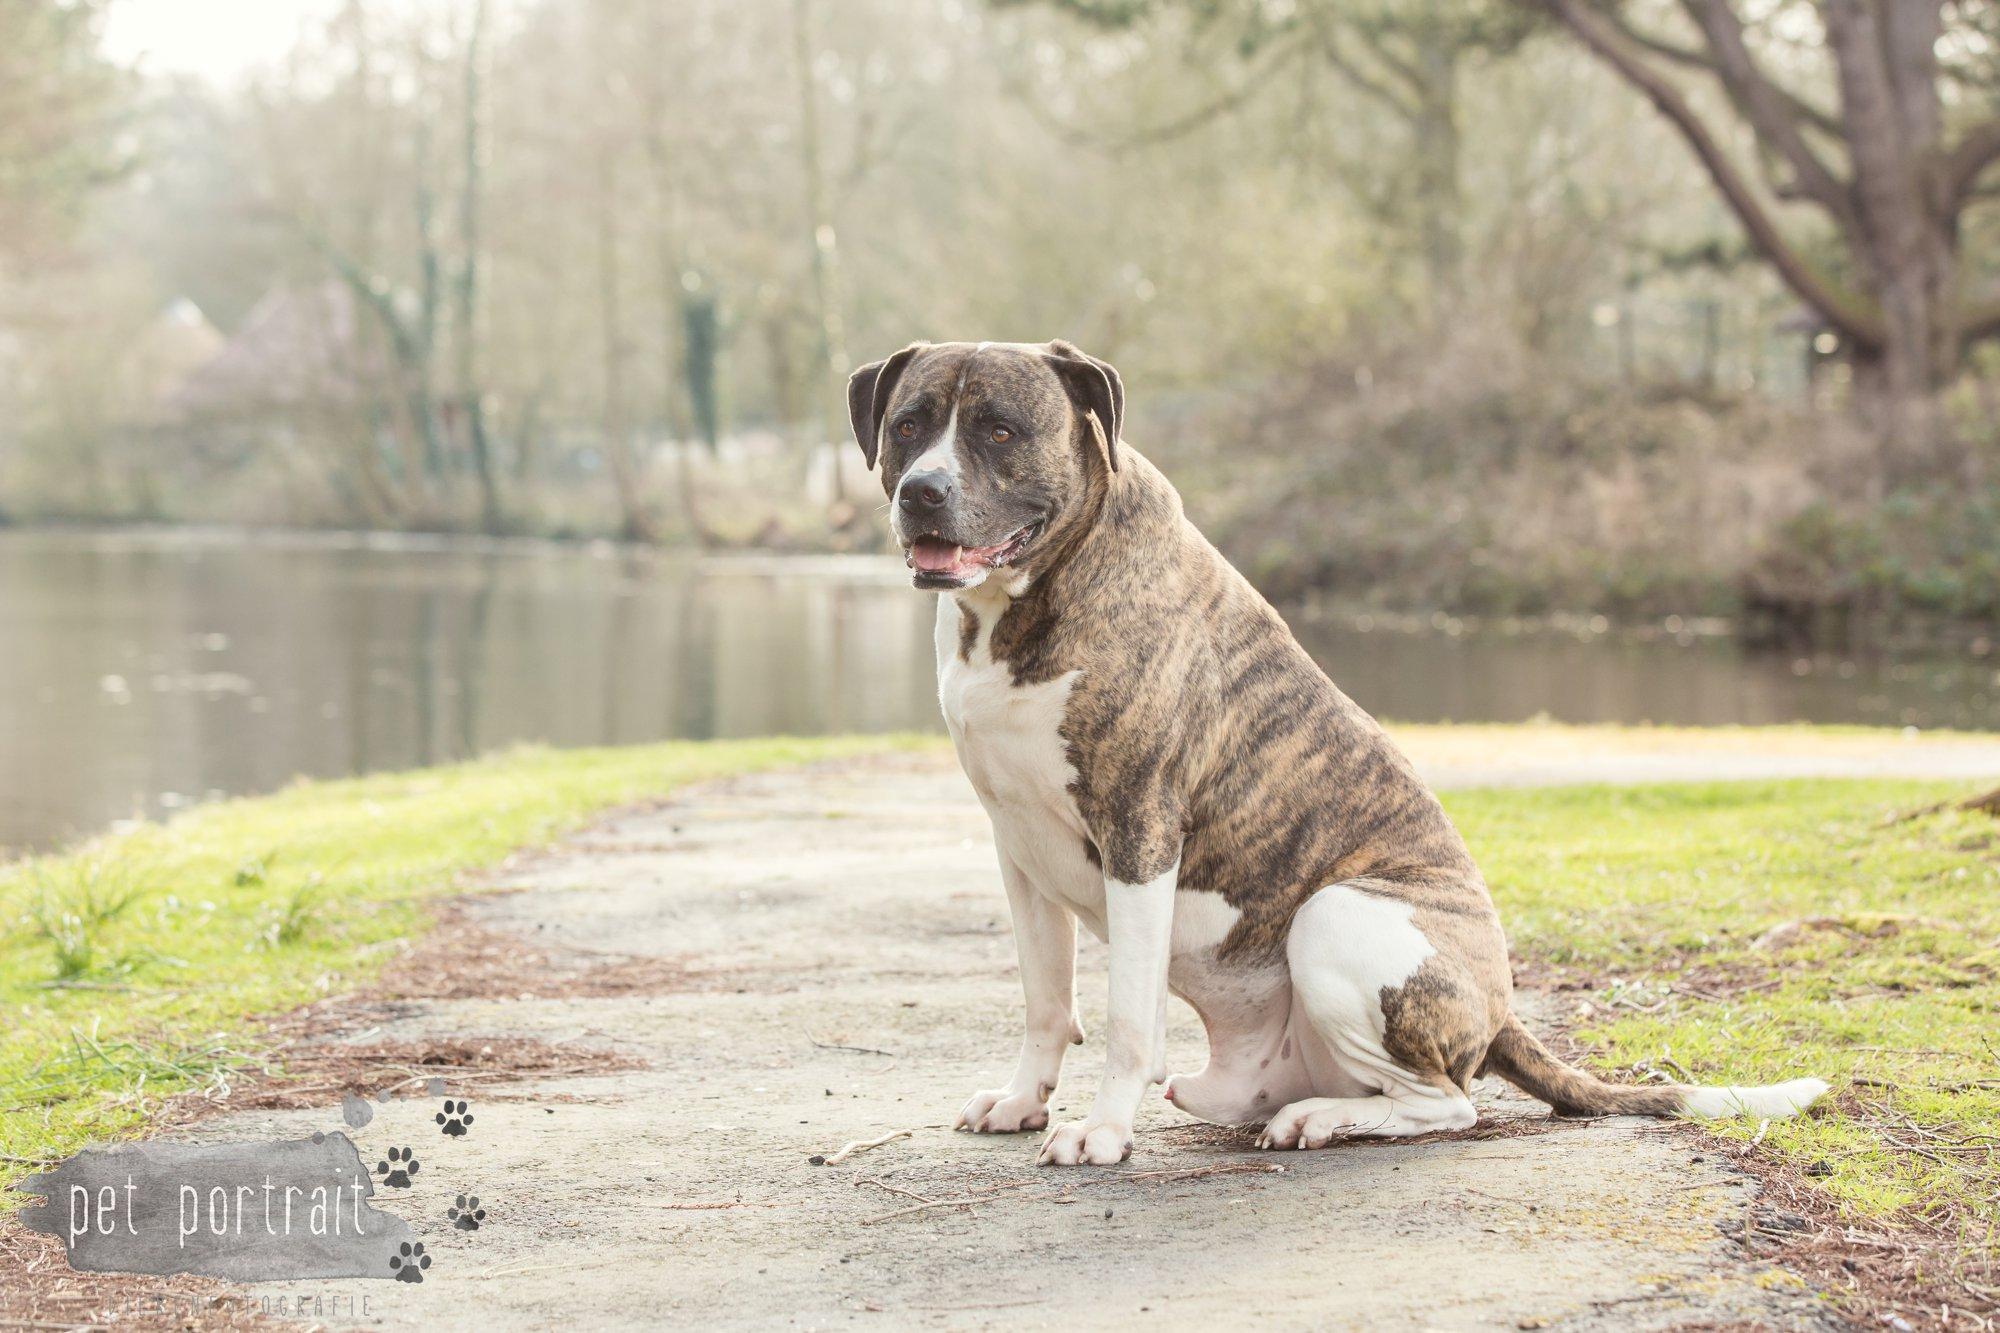 Hondenfotograaf Heemstede - Dier en Baasje fotoshoot in het bos-12